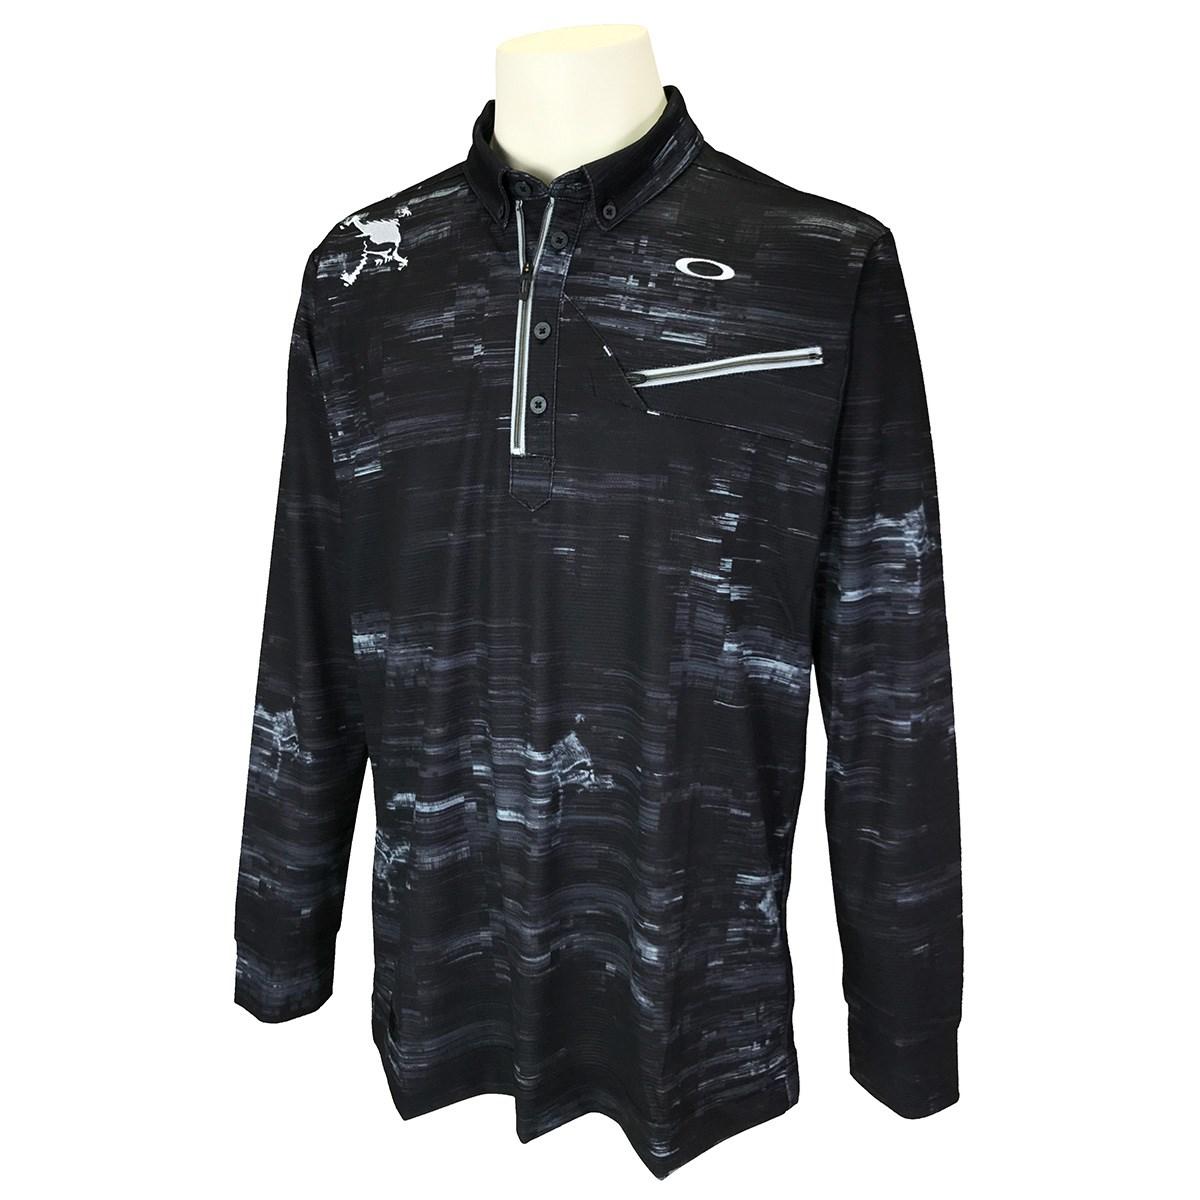 オークリー Skull スカル MUSCULAR 長袖ジップシャツ 2.0 US・EU/M ブラックプリント 00G